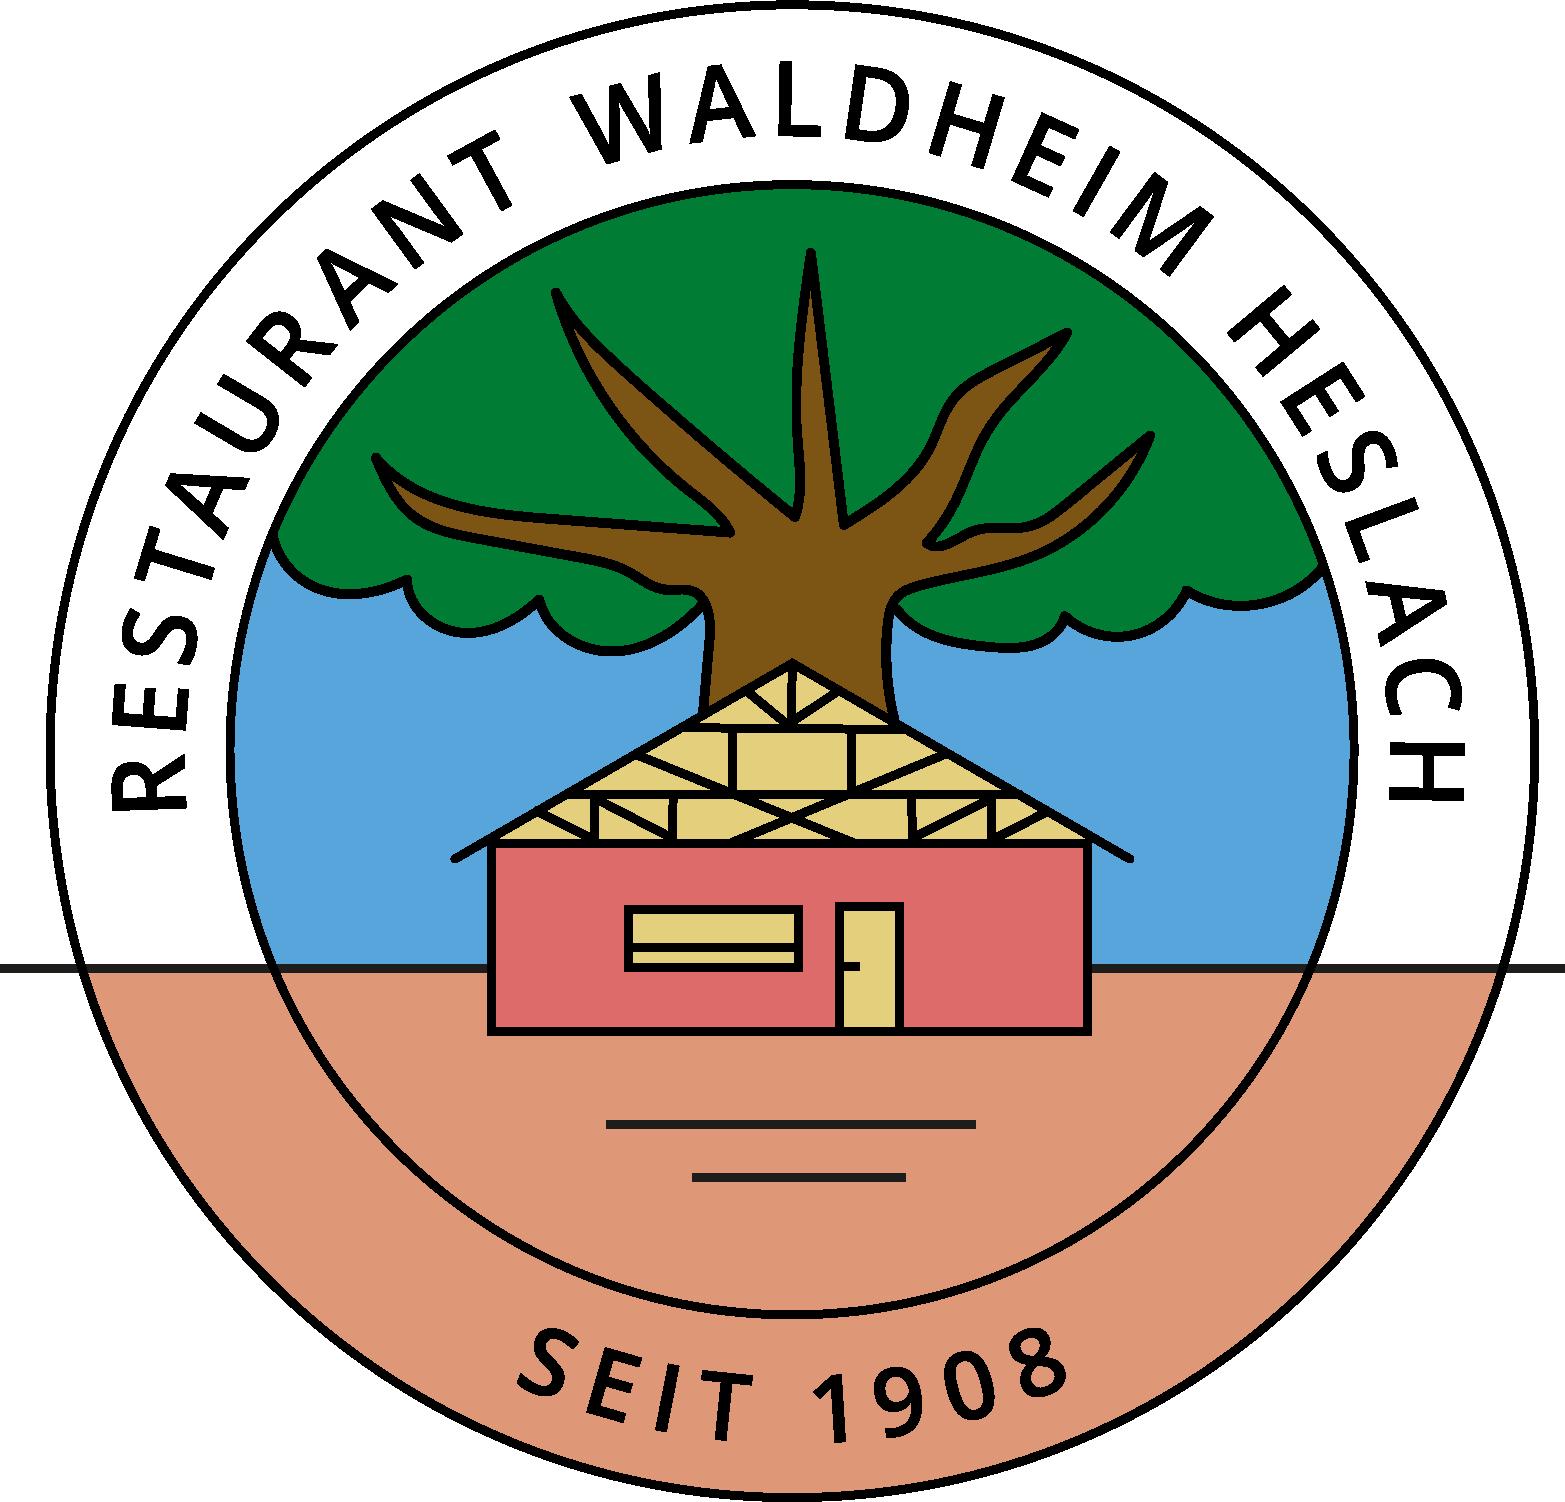 Restaurant Waldheim Heslach seit 1908 Logo Color